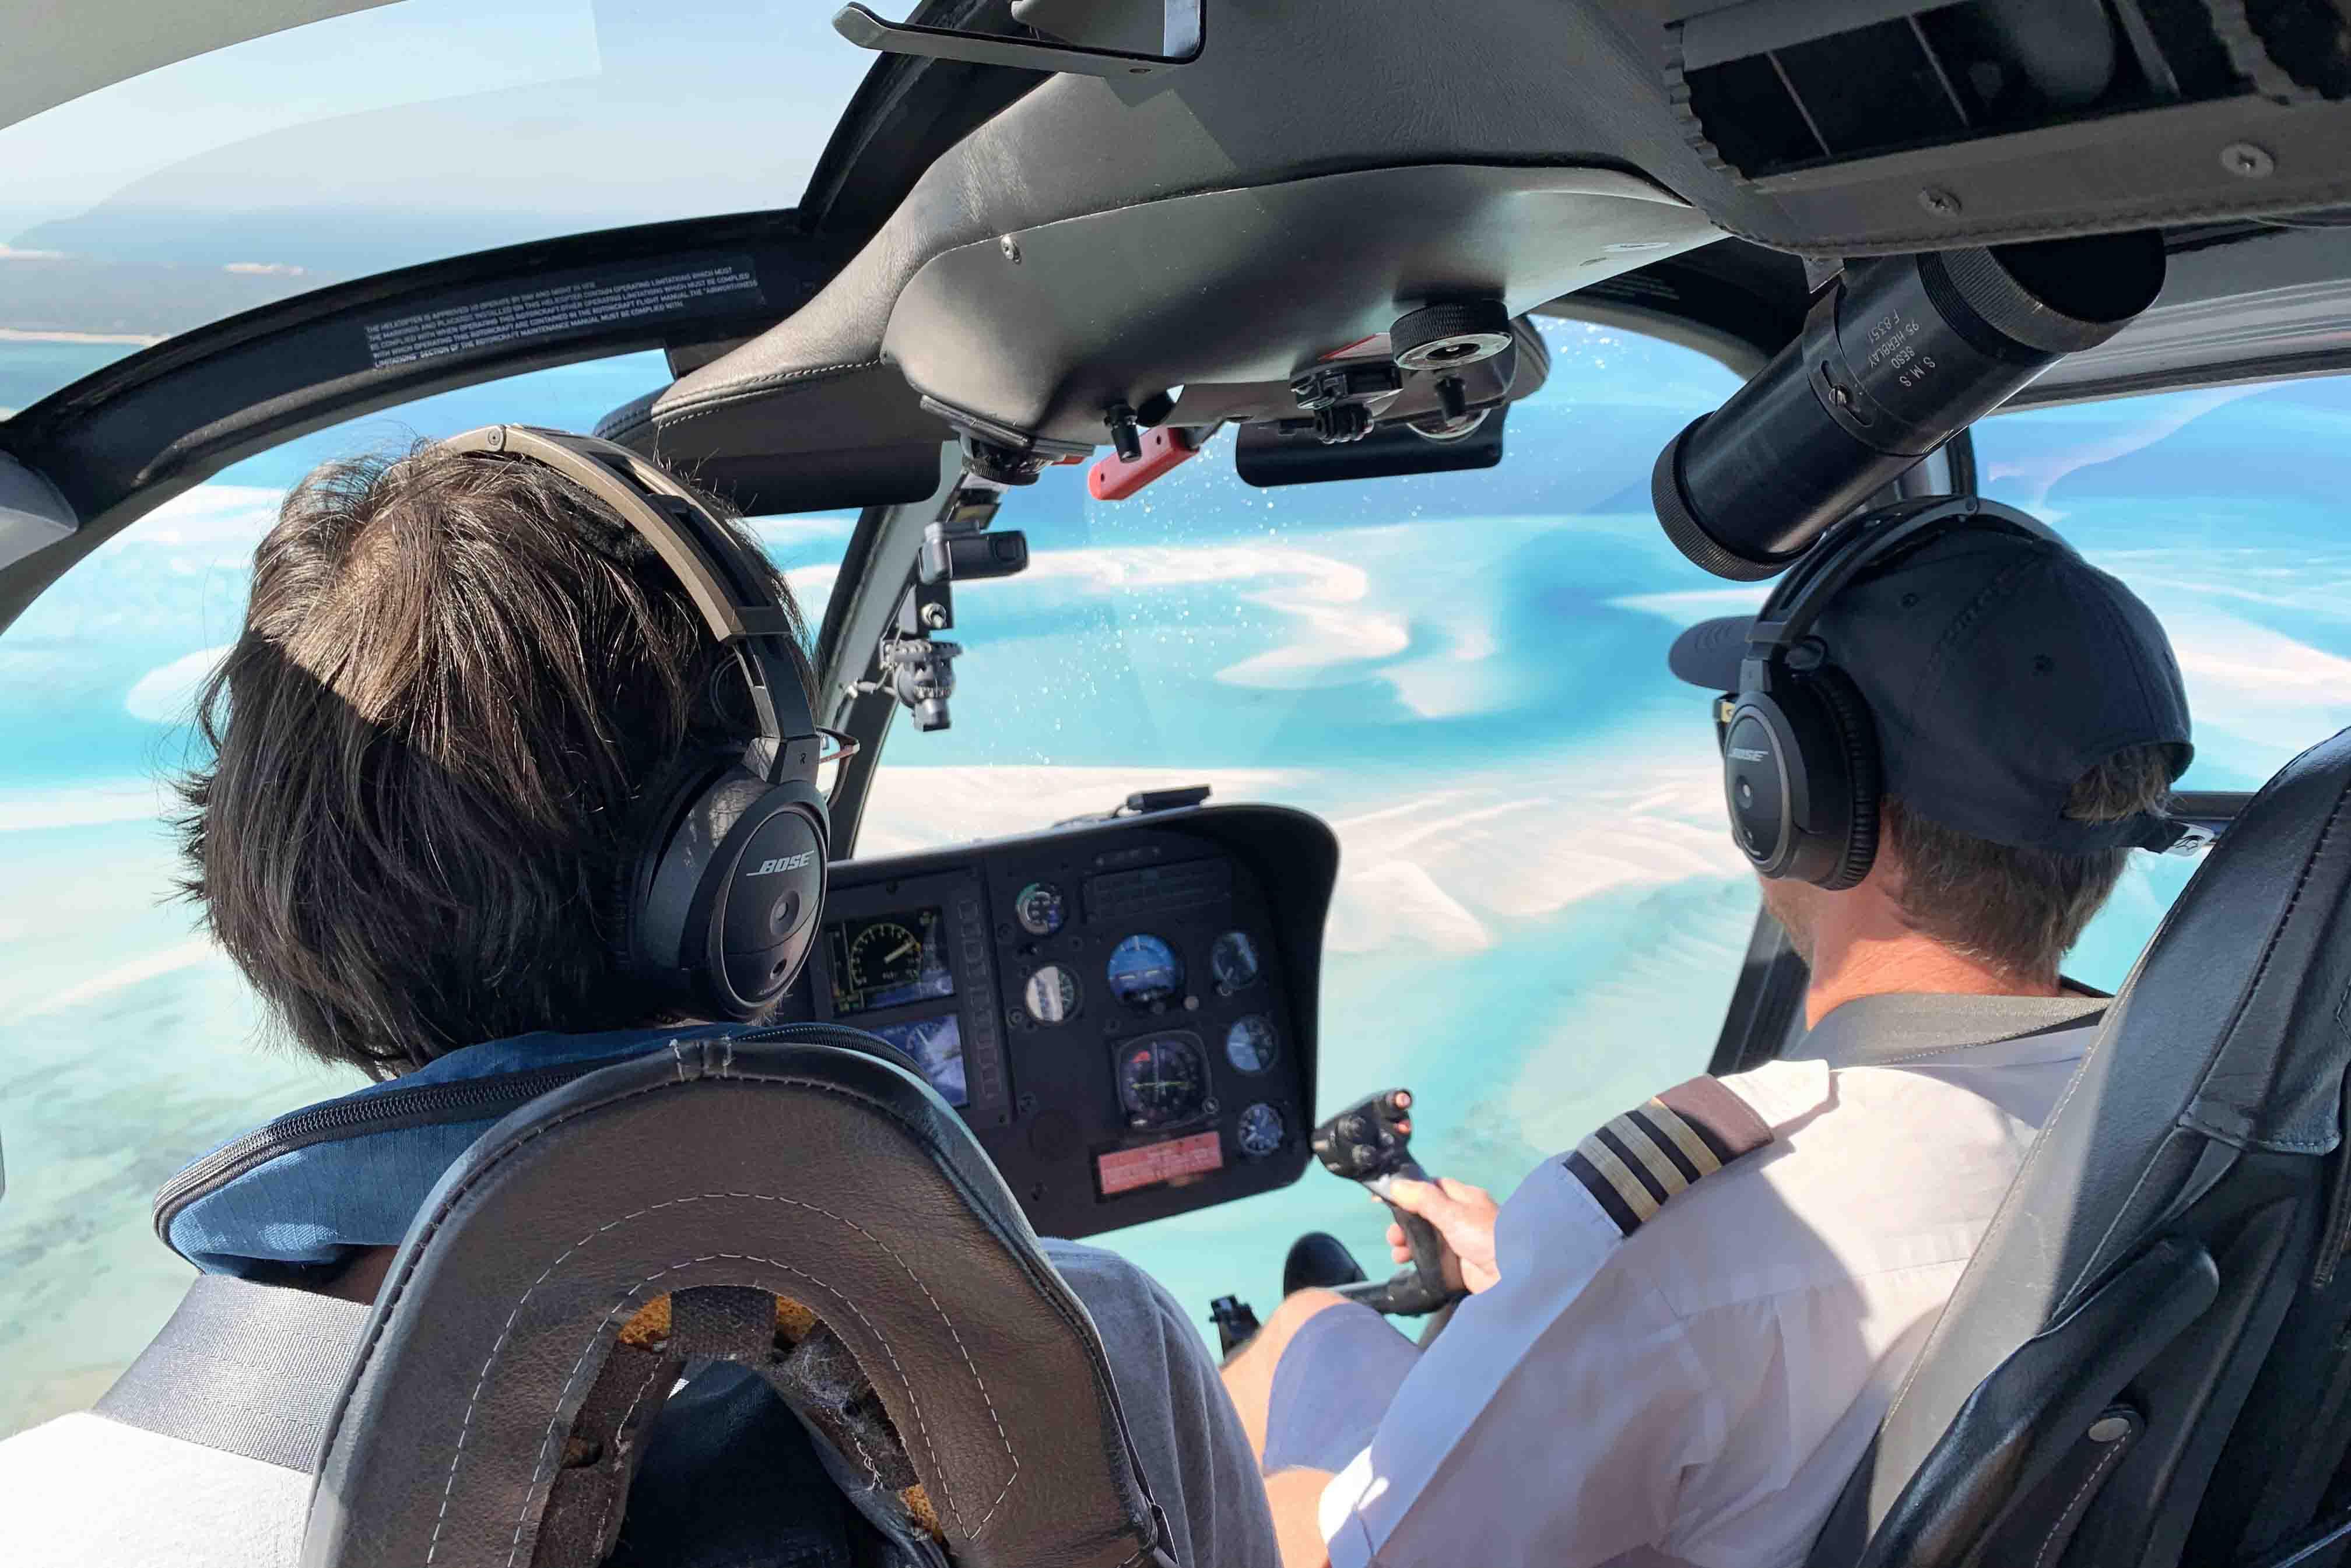 azura benguerra - como chegar - transfer de helicóptero